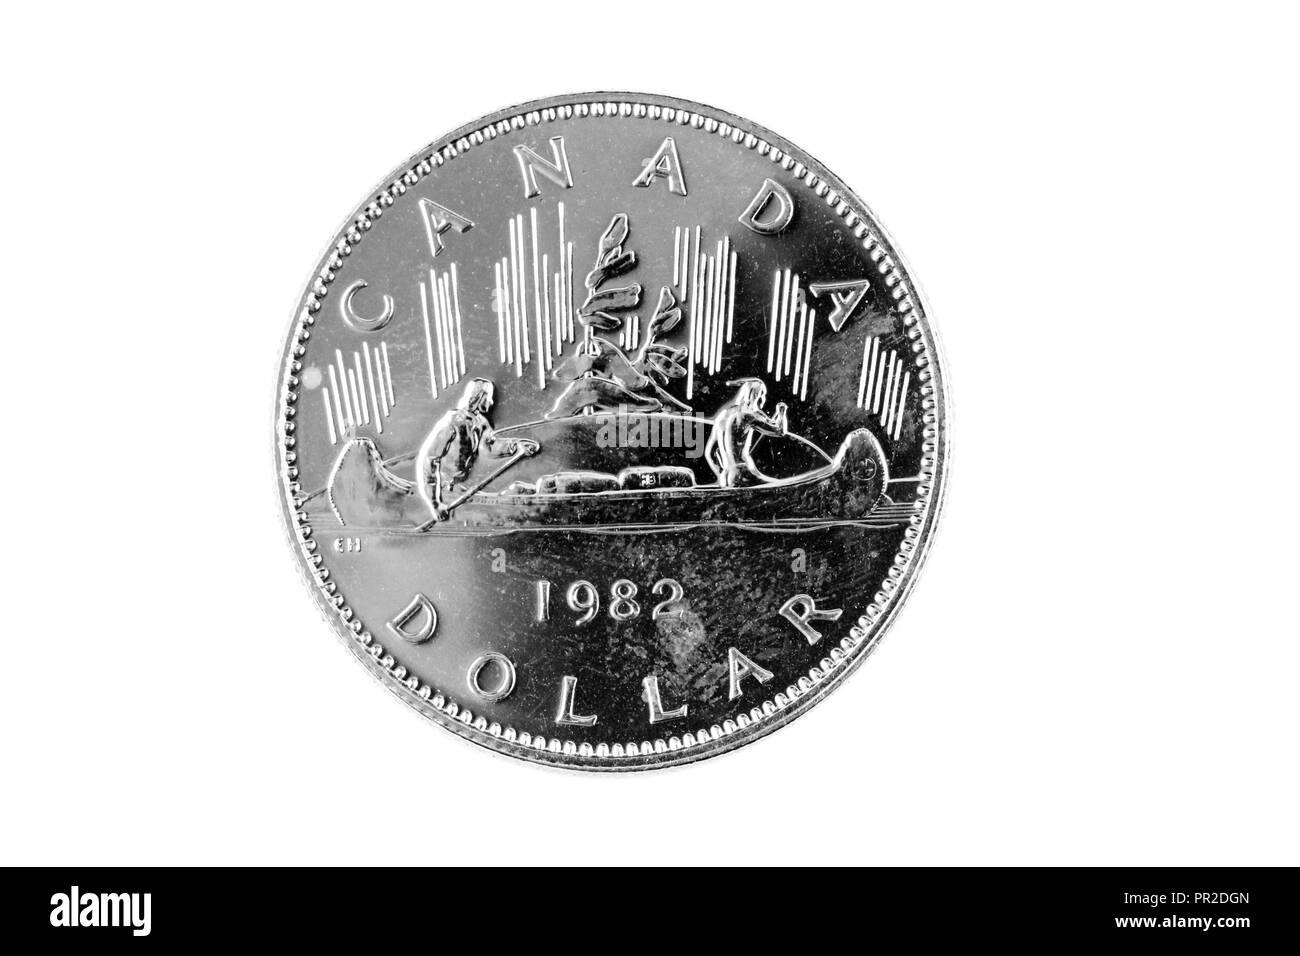 Kanadische Ein Dollar Münze Stockfotos Kanadische Ein Dollar Münze